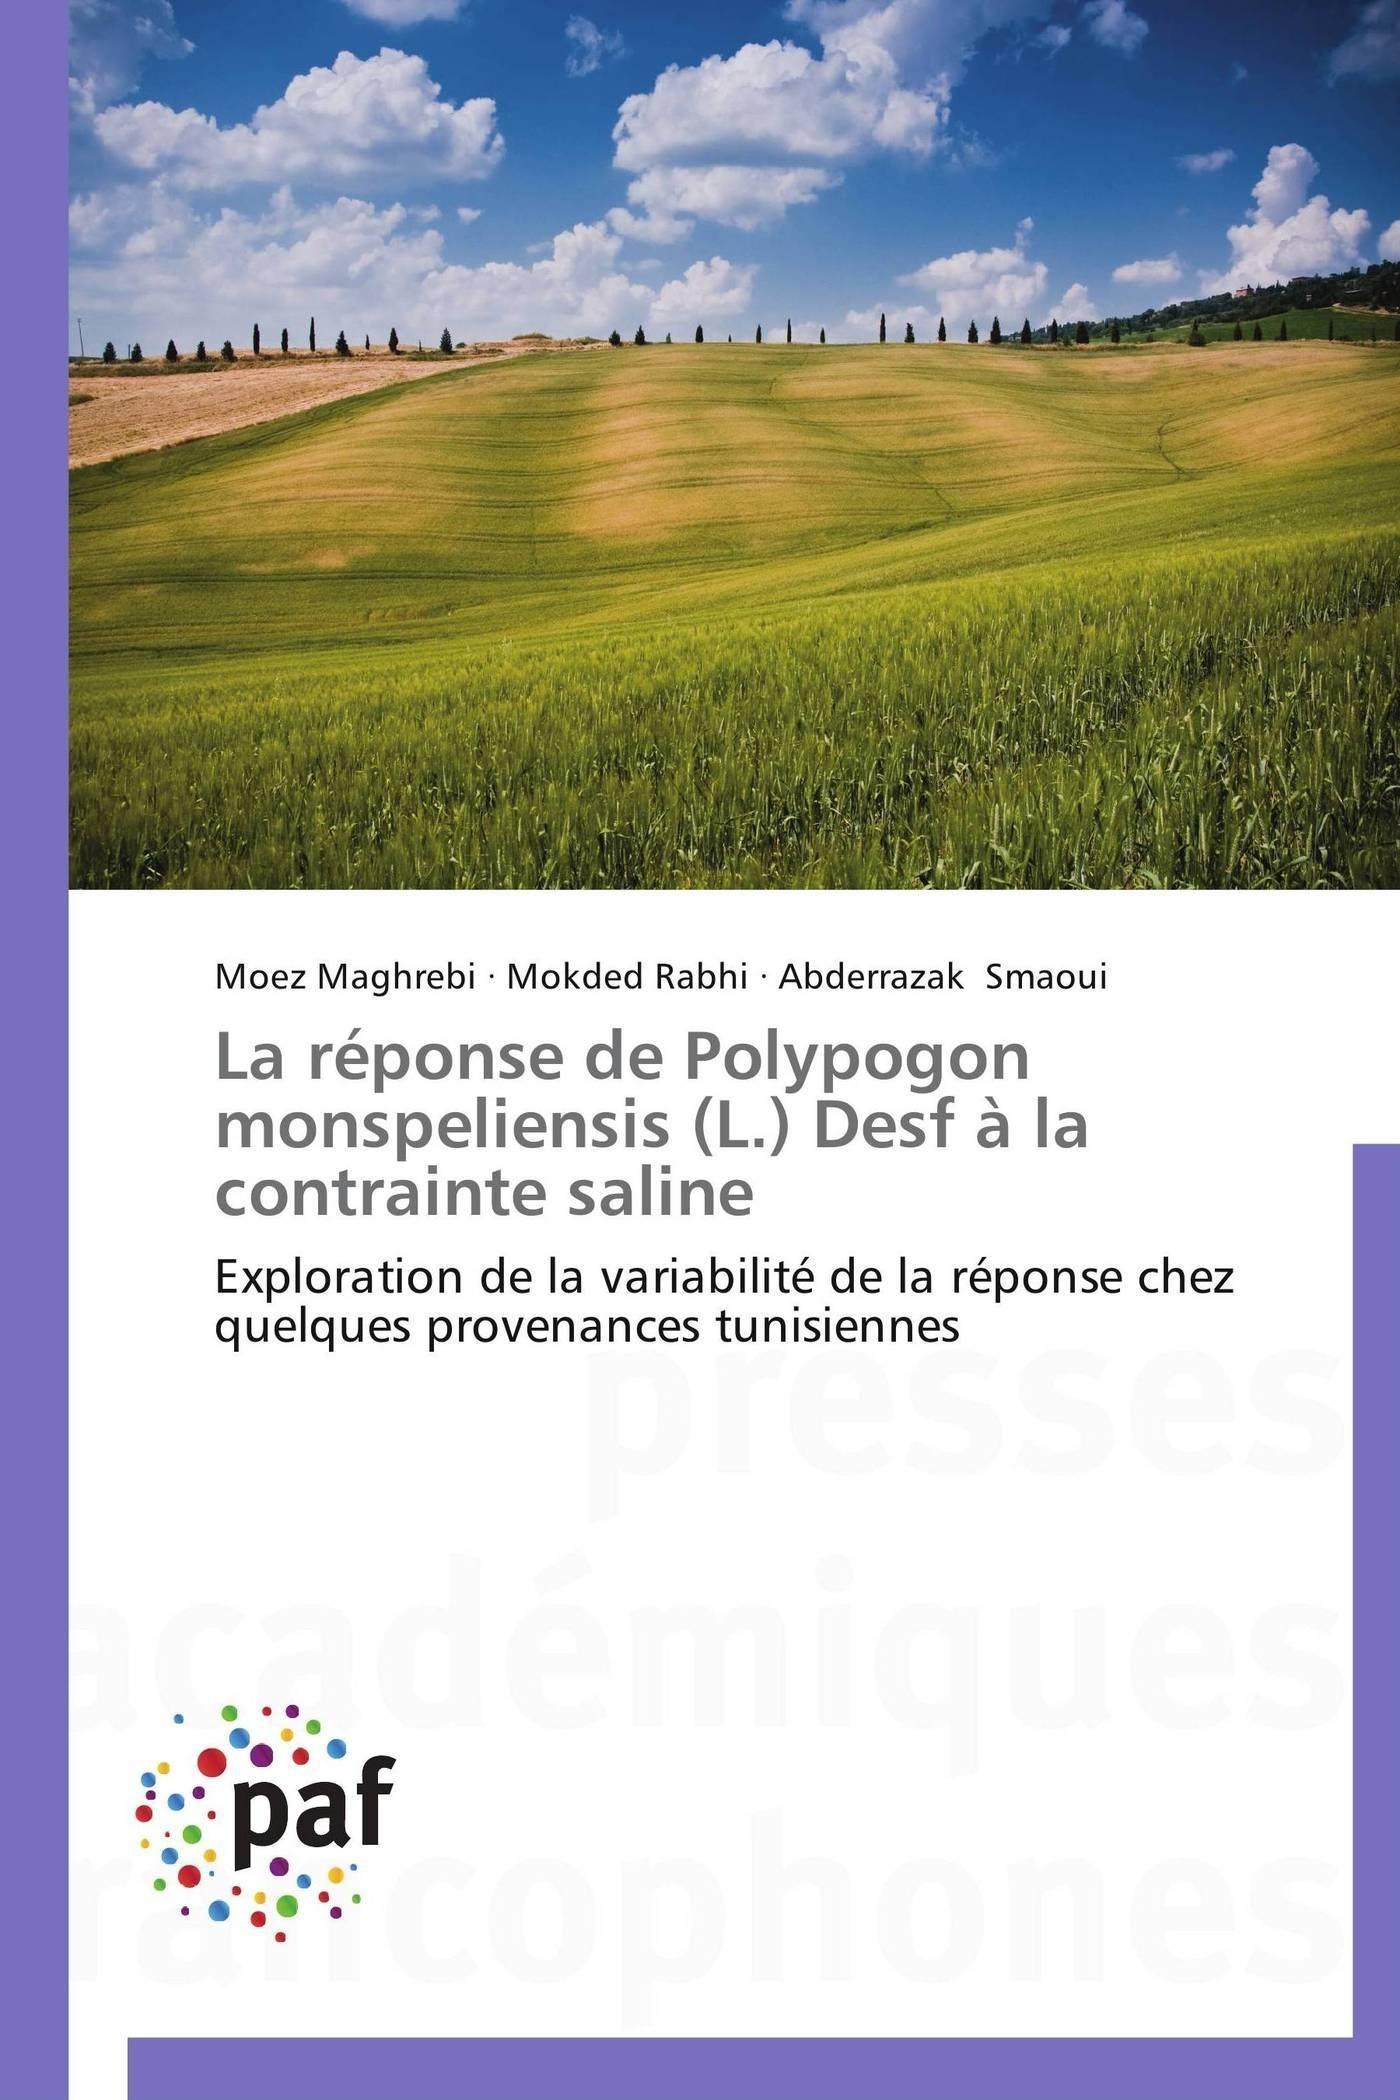 LA REPONSE DE POLYPOGON MONSPELIENSIS (L.) DESF A LA CONTRAINTE SALINE